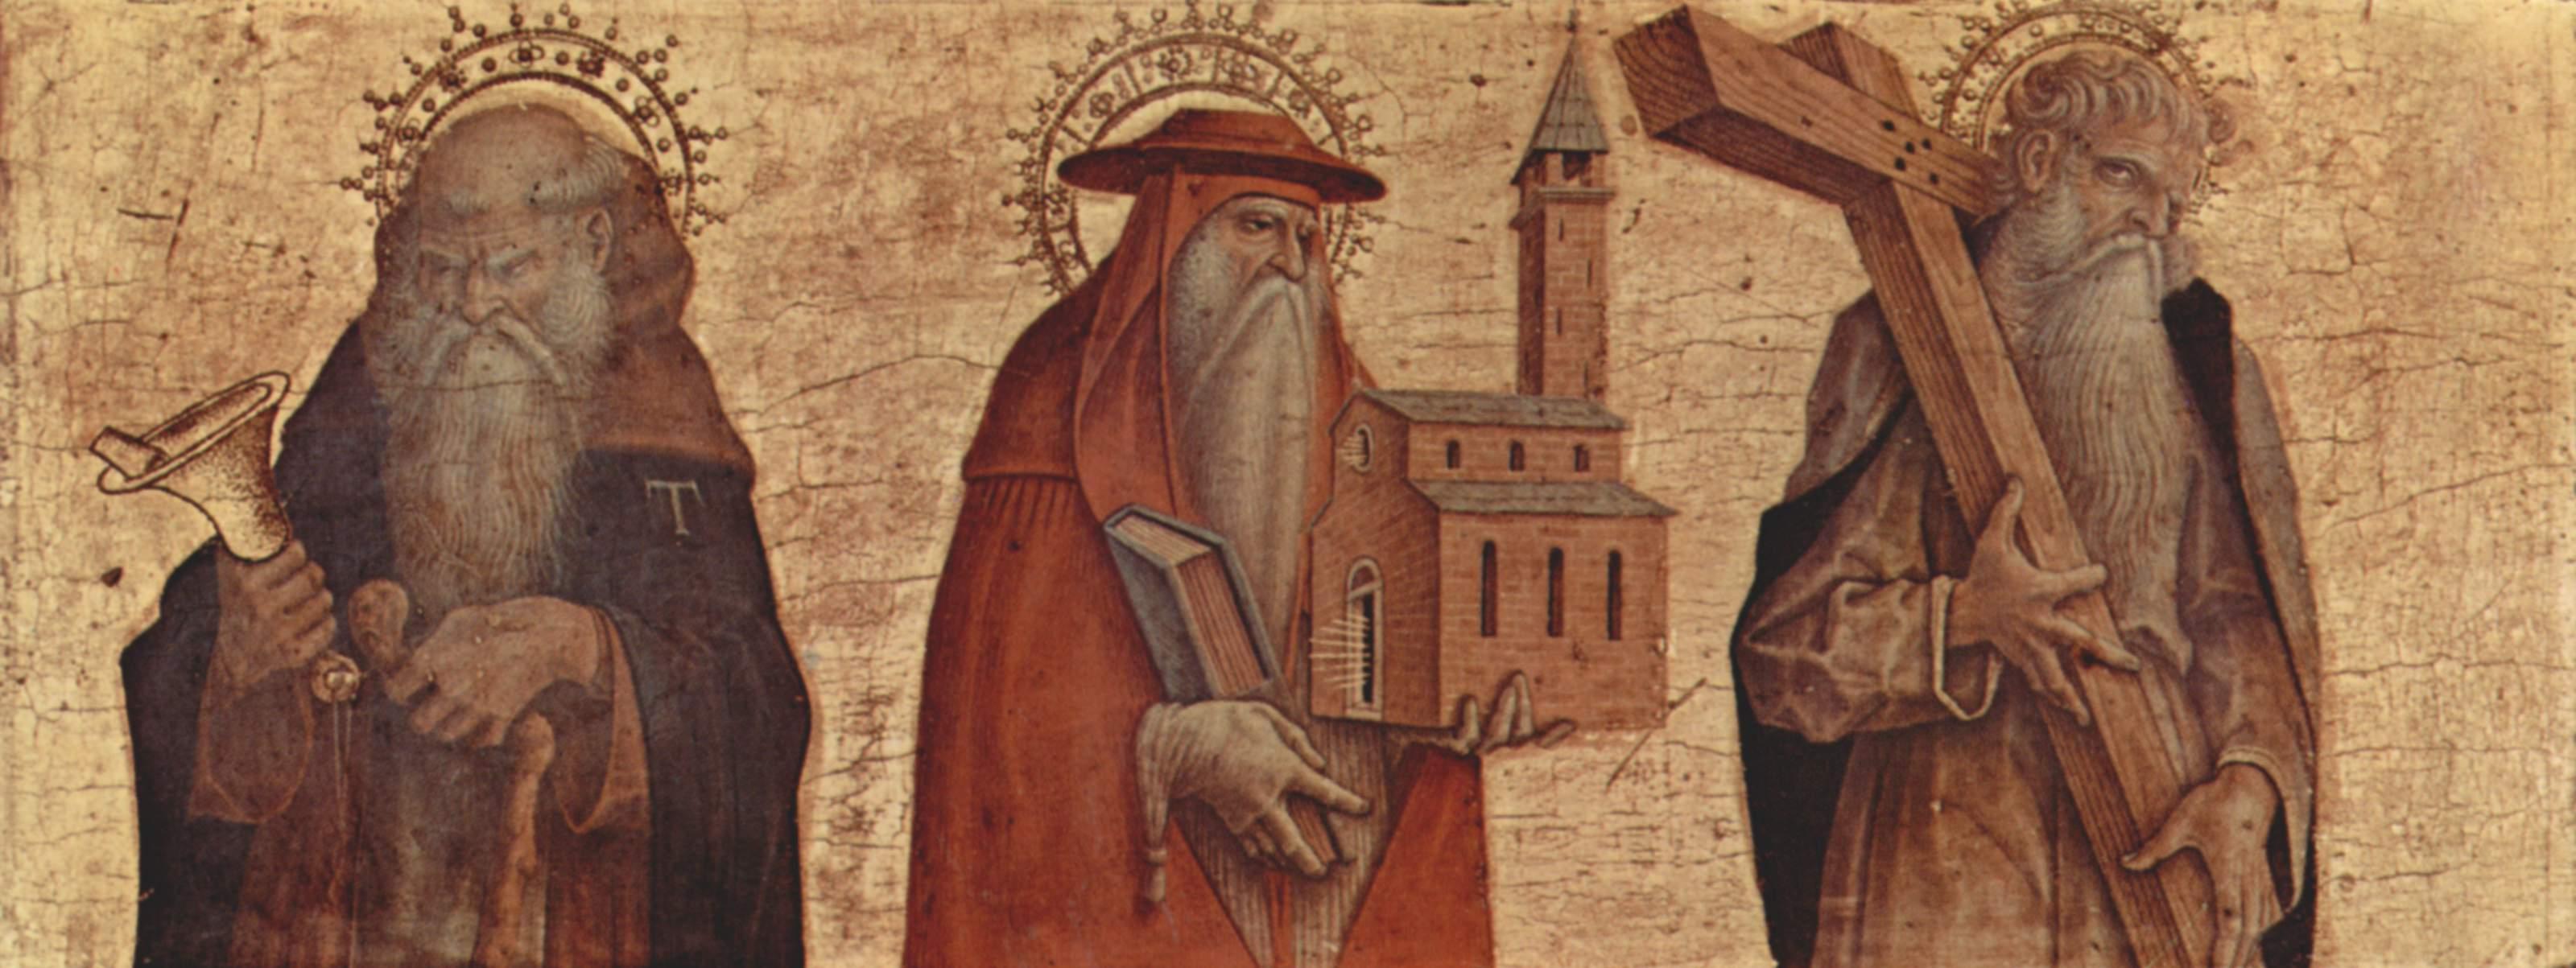 Алтарный триптих, правая створка в основании алтаря  св. Антоний Аббат, св. Иероним, св. Андрей, Карло Кривелли